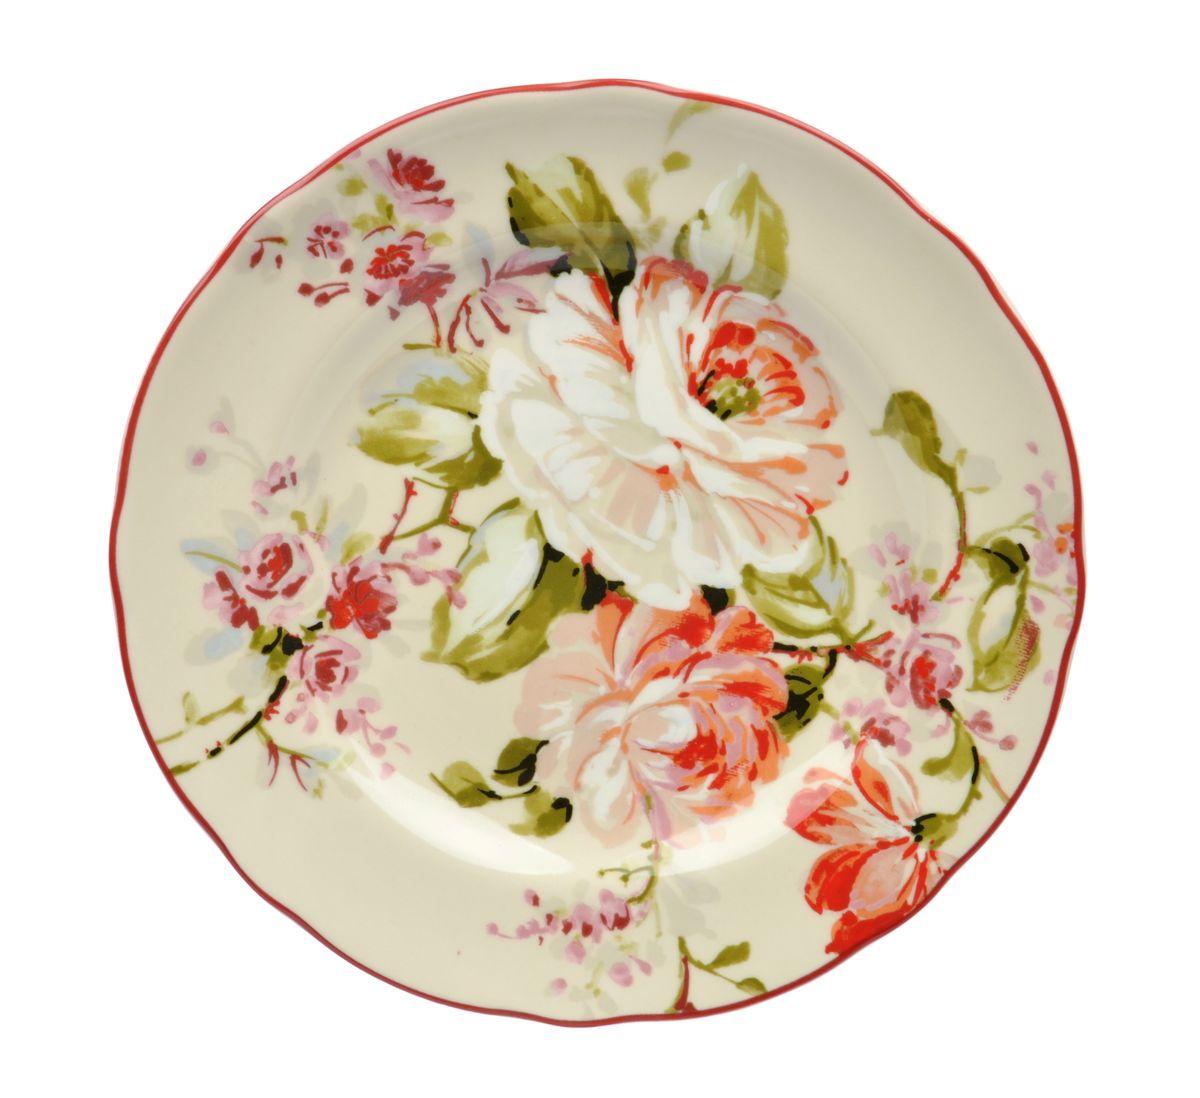 Тарелка десертная Utana Эмилия, диаметр 22 смUTEM97810Тарелка десертная Utana Эмилия изготовлена из высококачественной керамики. Предназначена для красивой подачи различных блюд. Изделие декорировано ярким рисунком. Такая тарелка украсит сервировку стола и подчеркнет прекрасный вкус хозяйки. Можно мыть в посудомоечной машине и использовать в СВЧ. Диаметр: 22 см. Высота: 3 см.